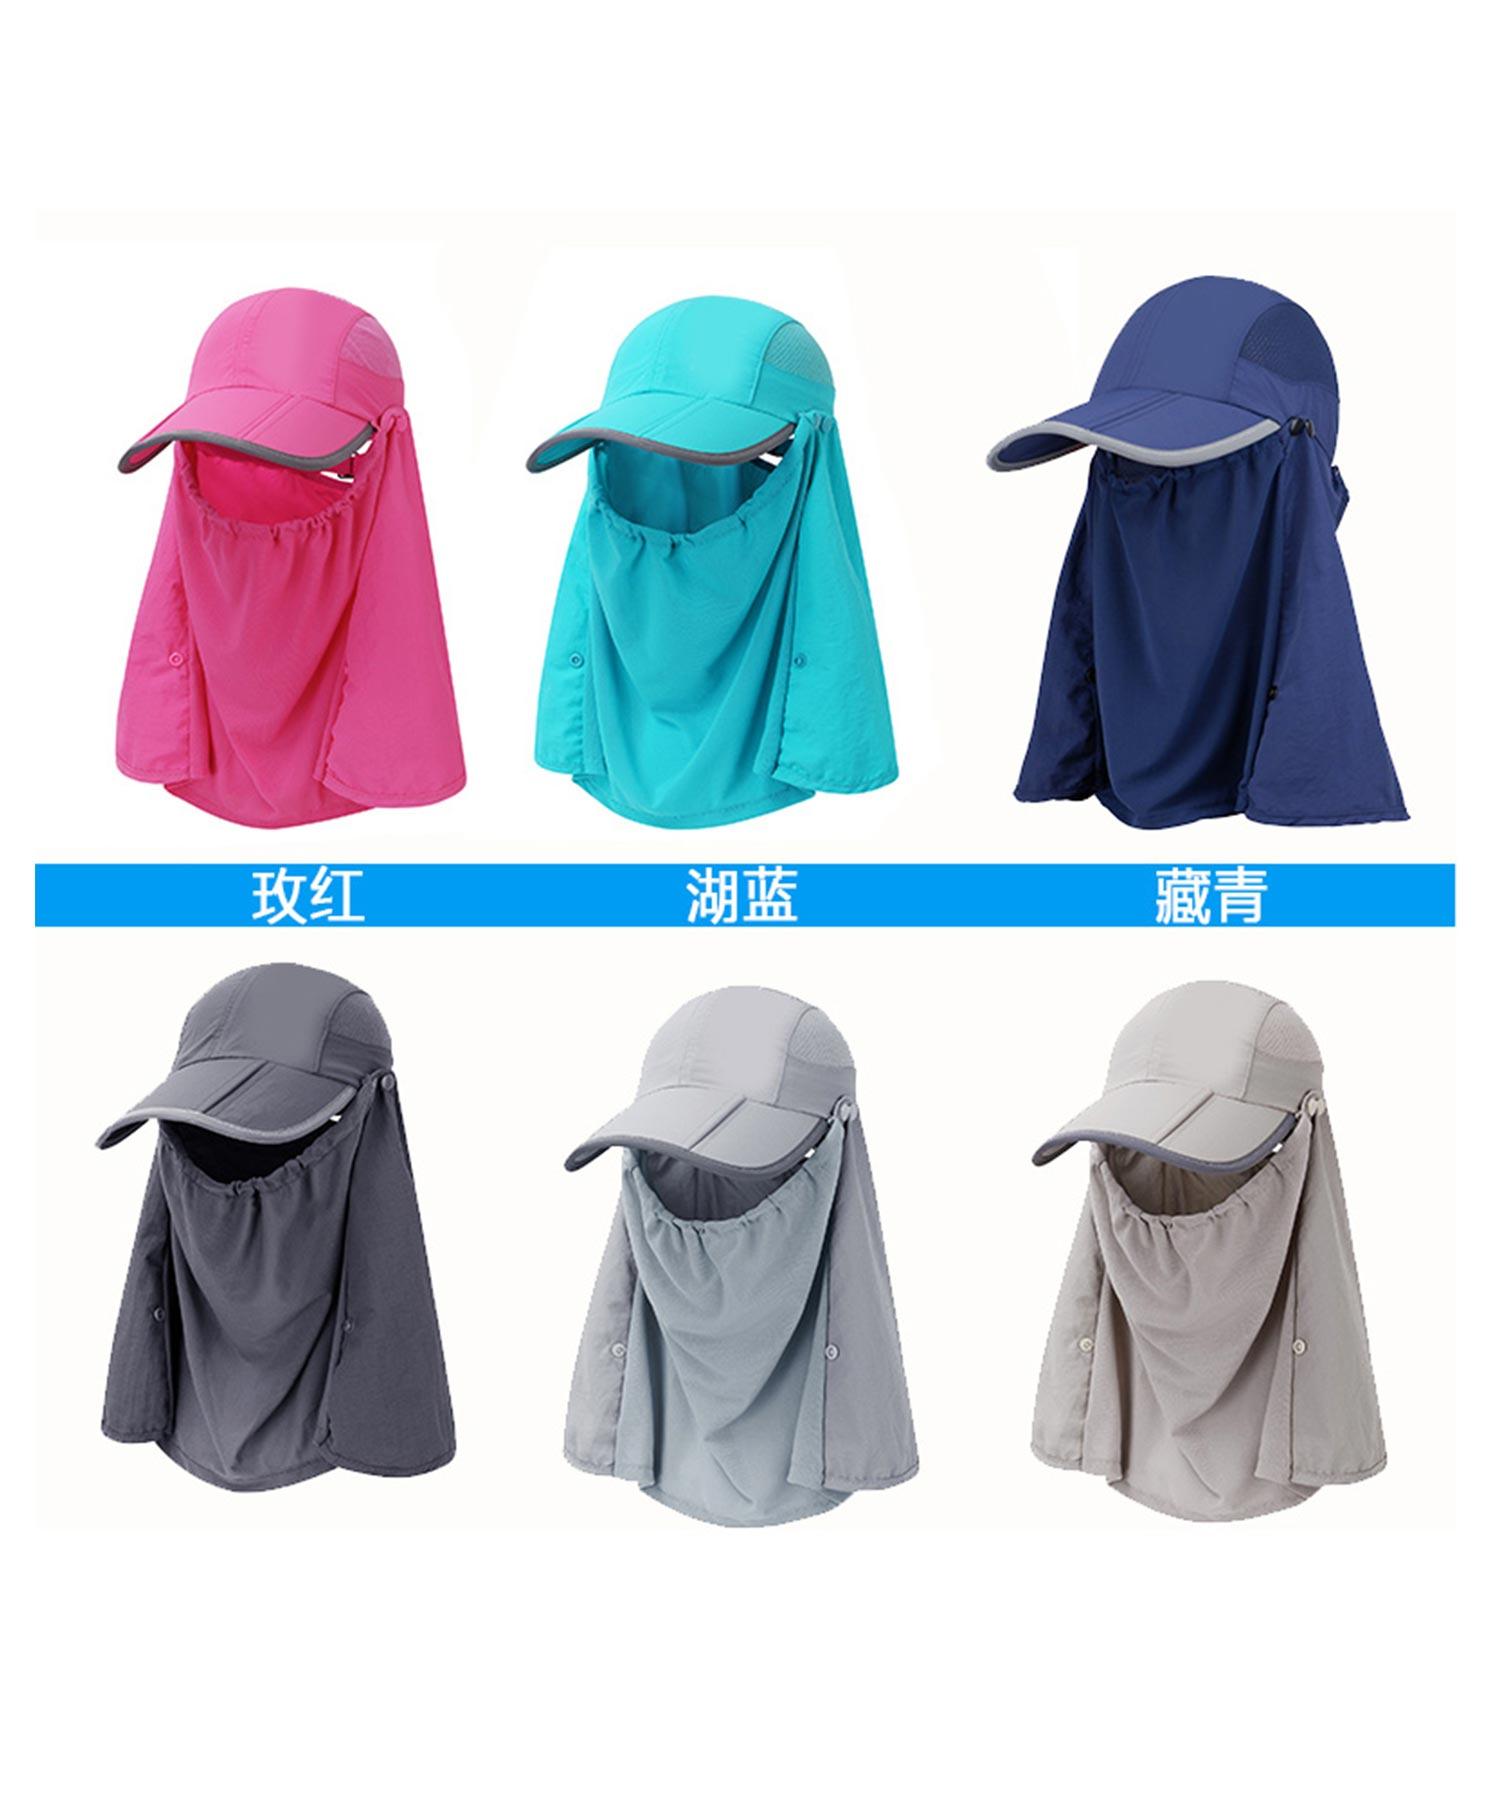 防曬面罩6